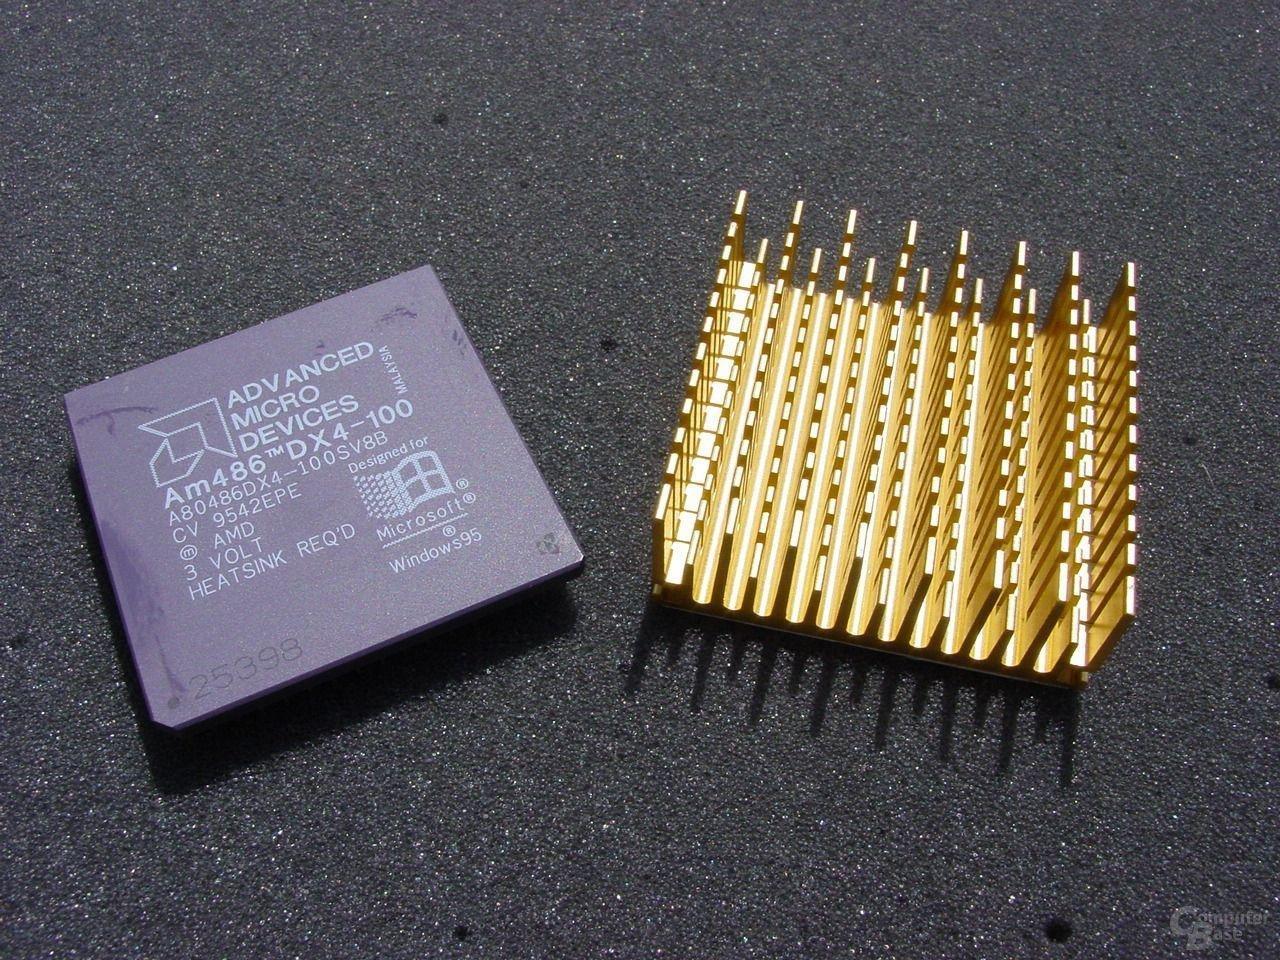 Athlon 468DX 4-100 mit  Kühler